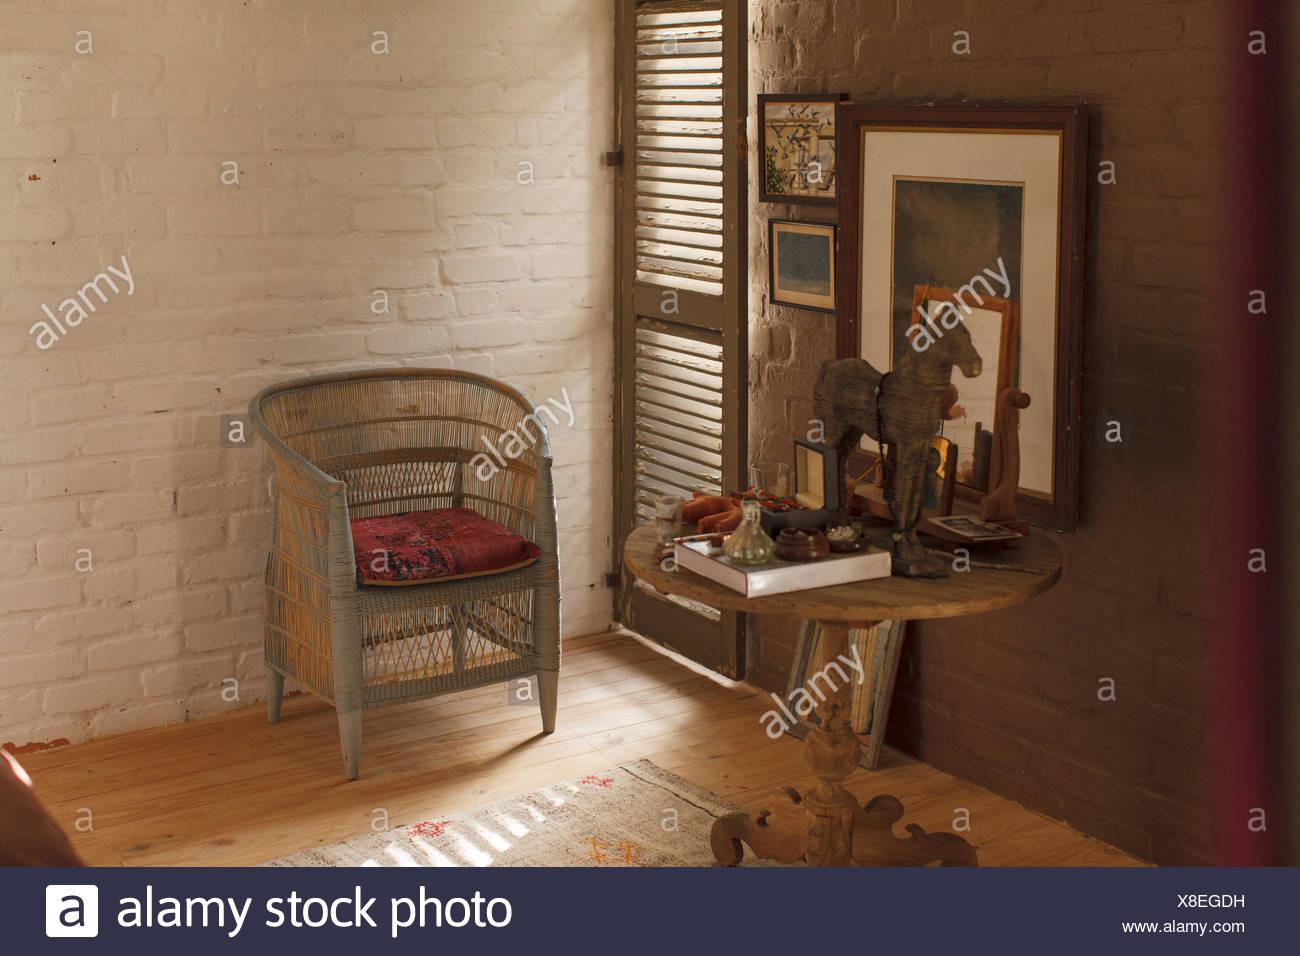 Mesa lateral y decoraciones rústicas dormitorio Imagen De Stock